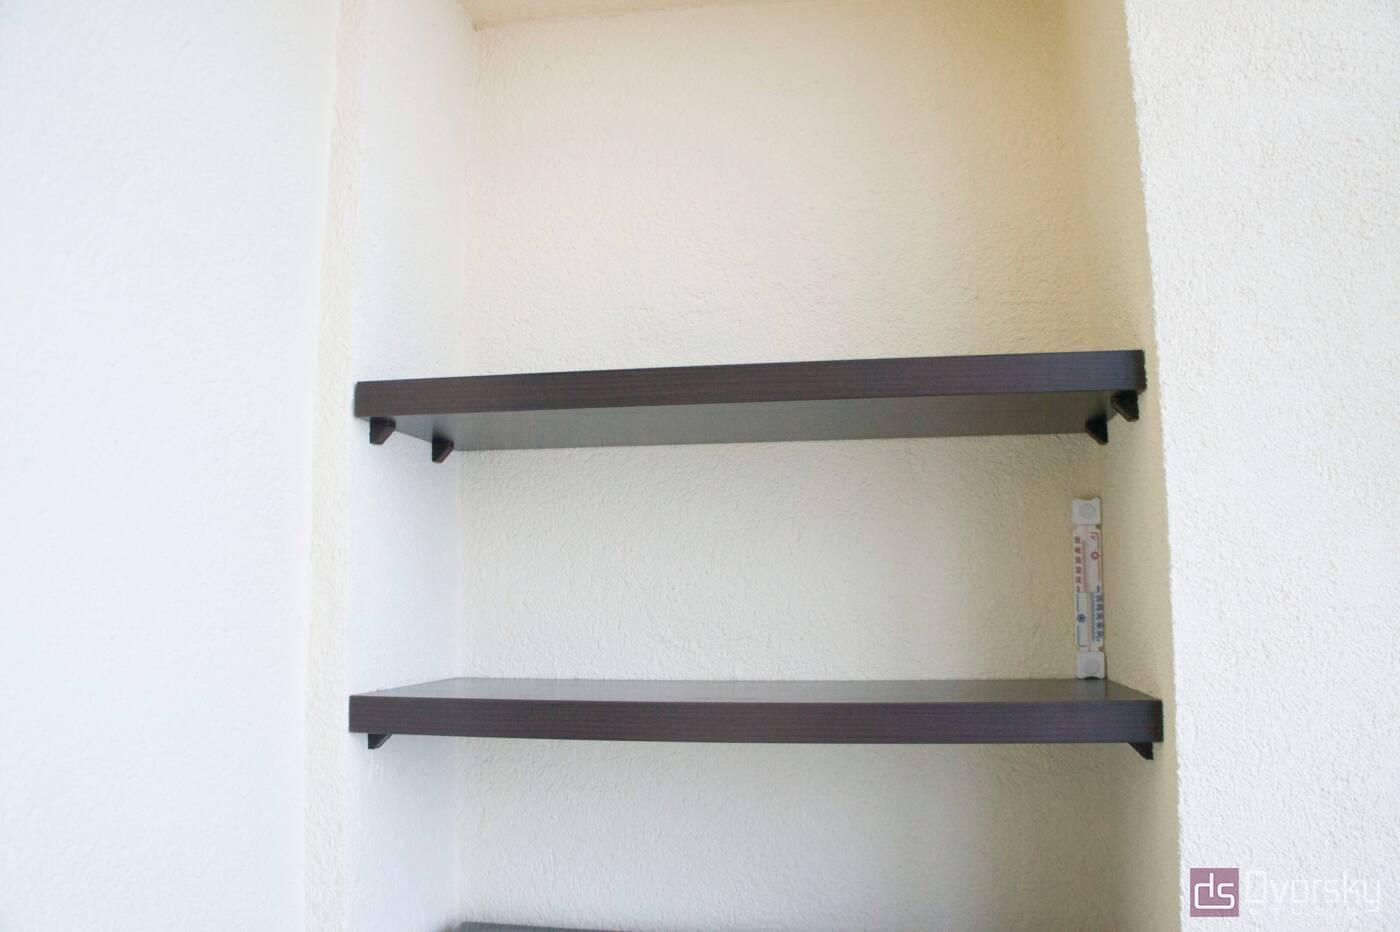 Меблі на балкон Тумба з полками для балкона - Фото № 3